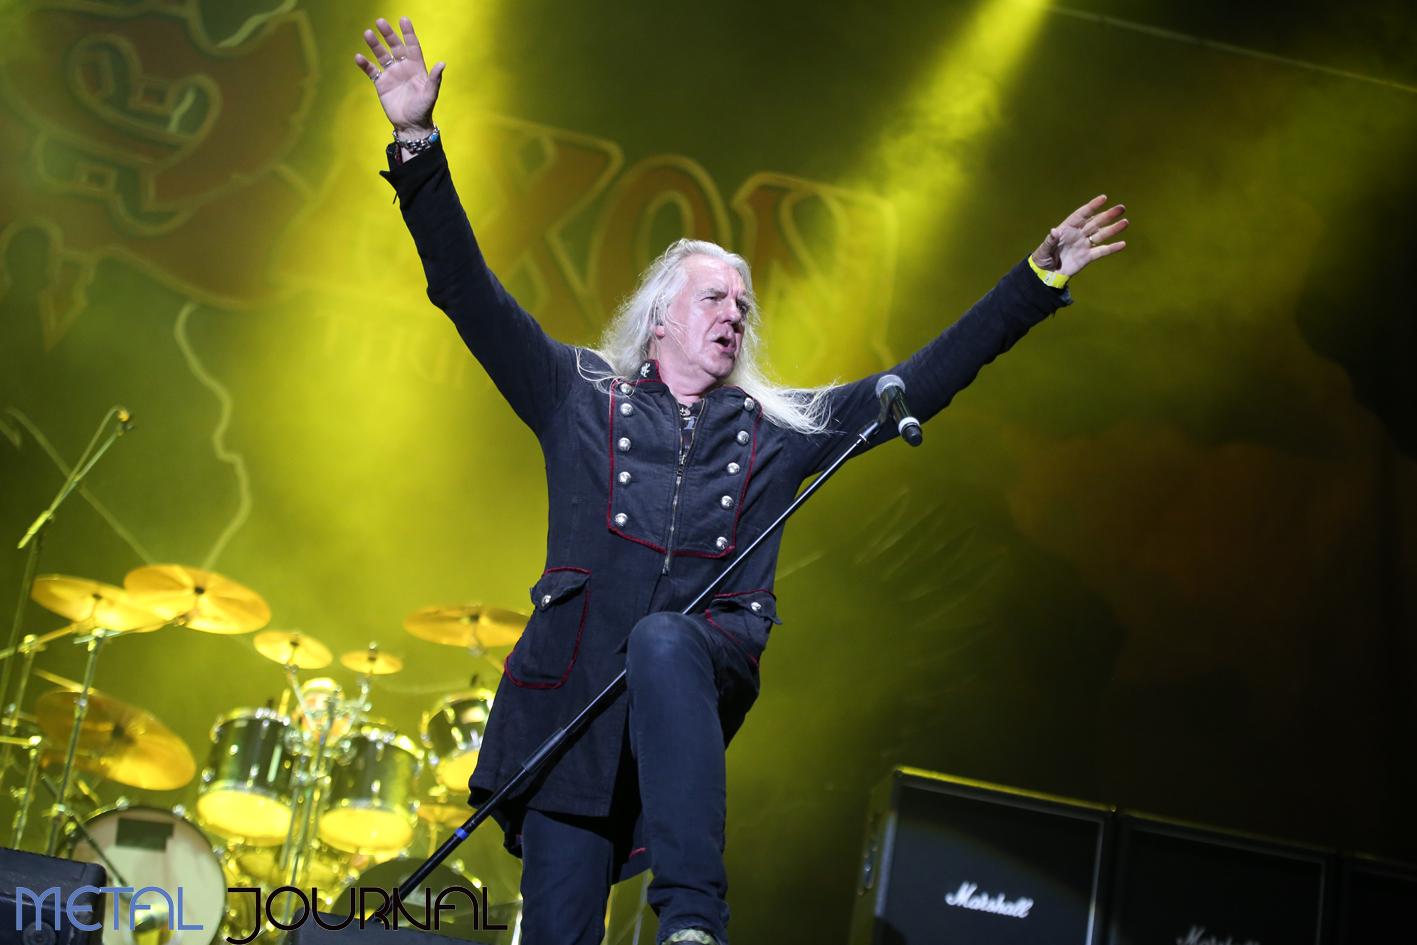 saxon - leyendas del rock 2018 pic 3